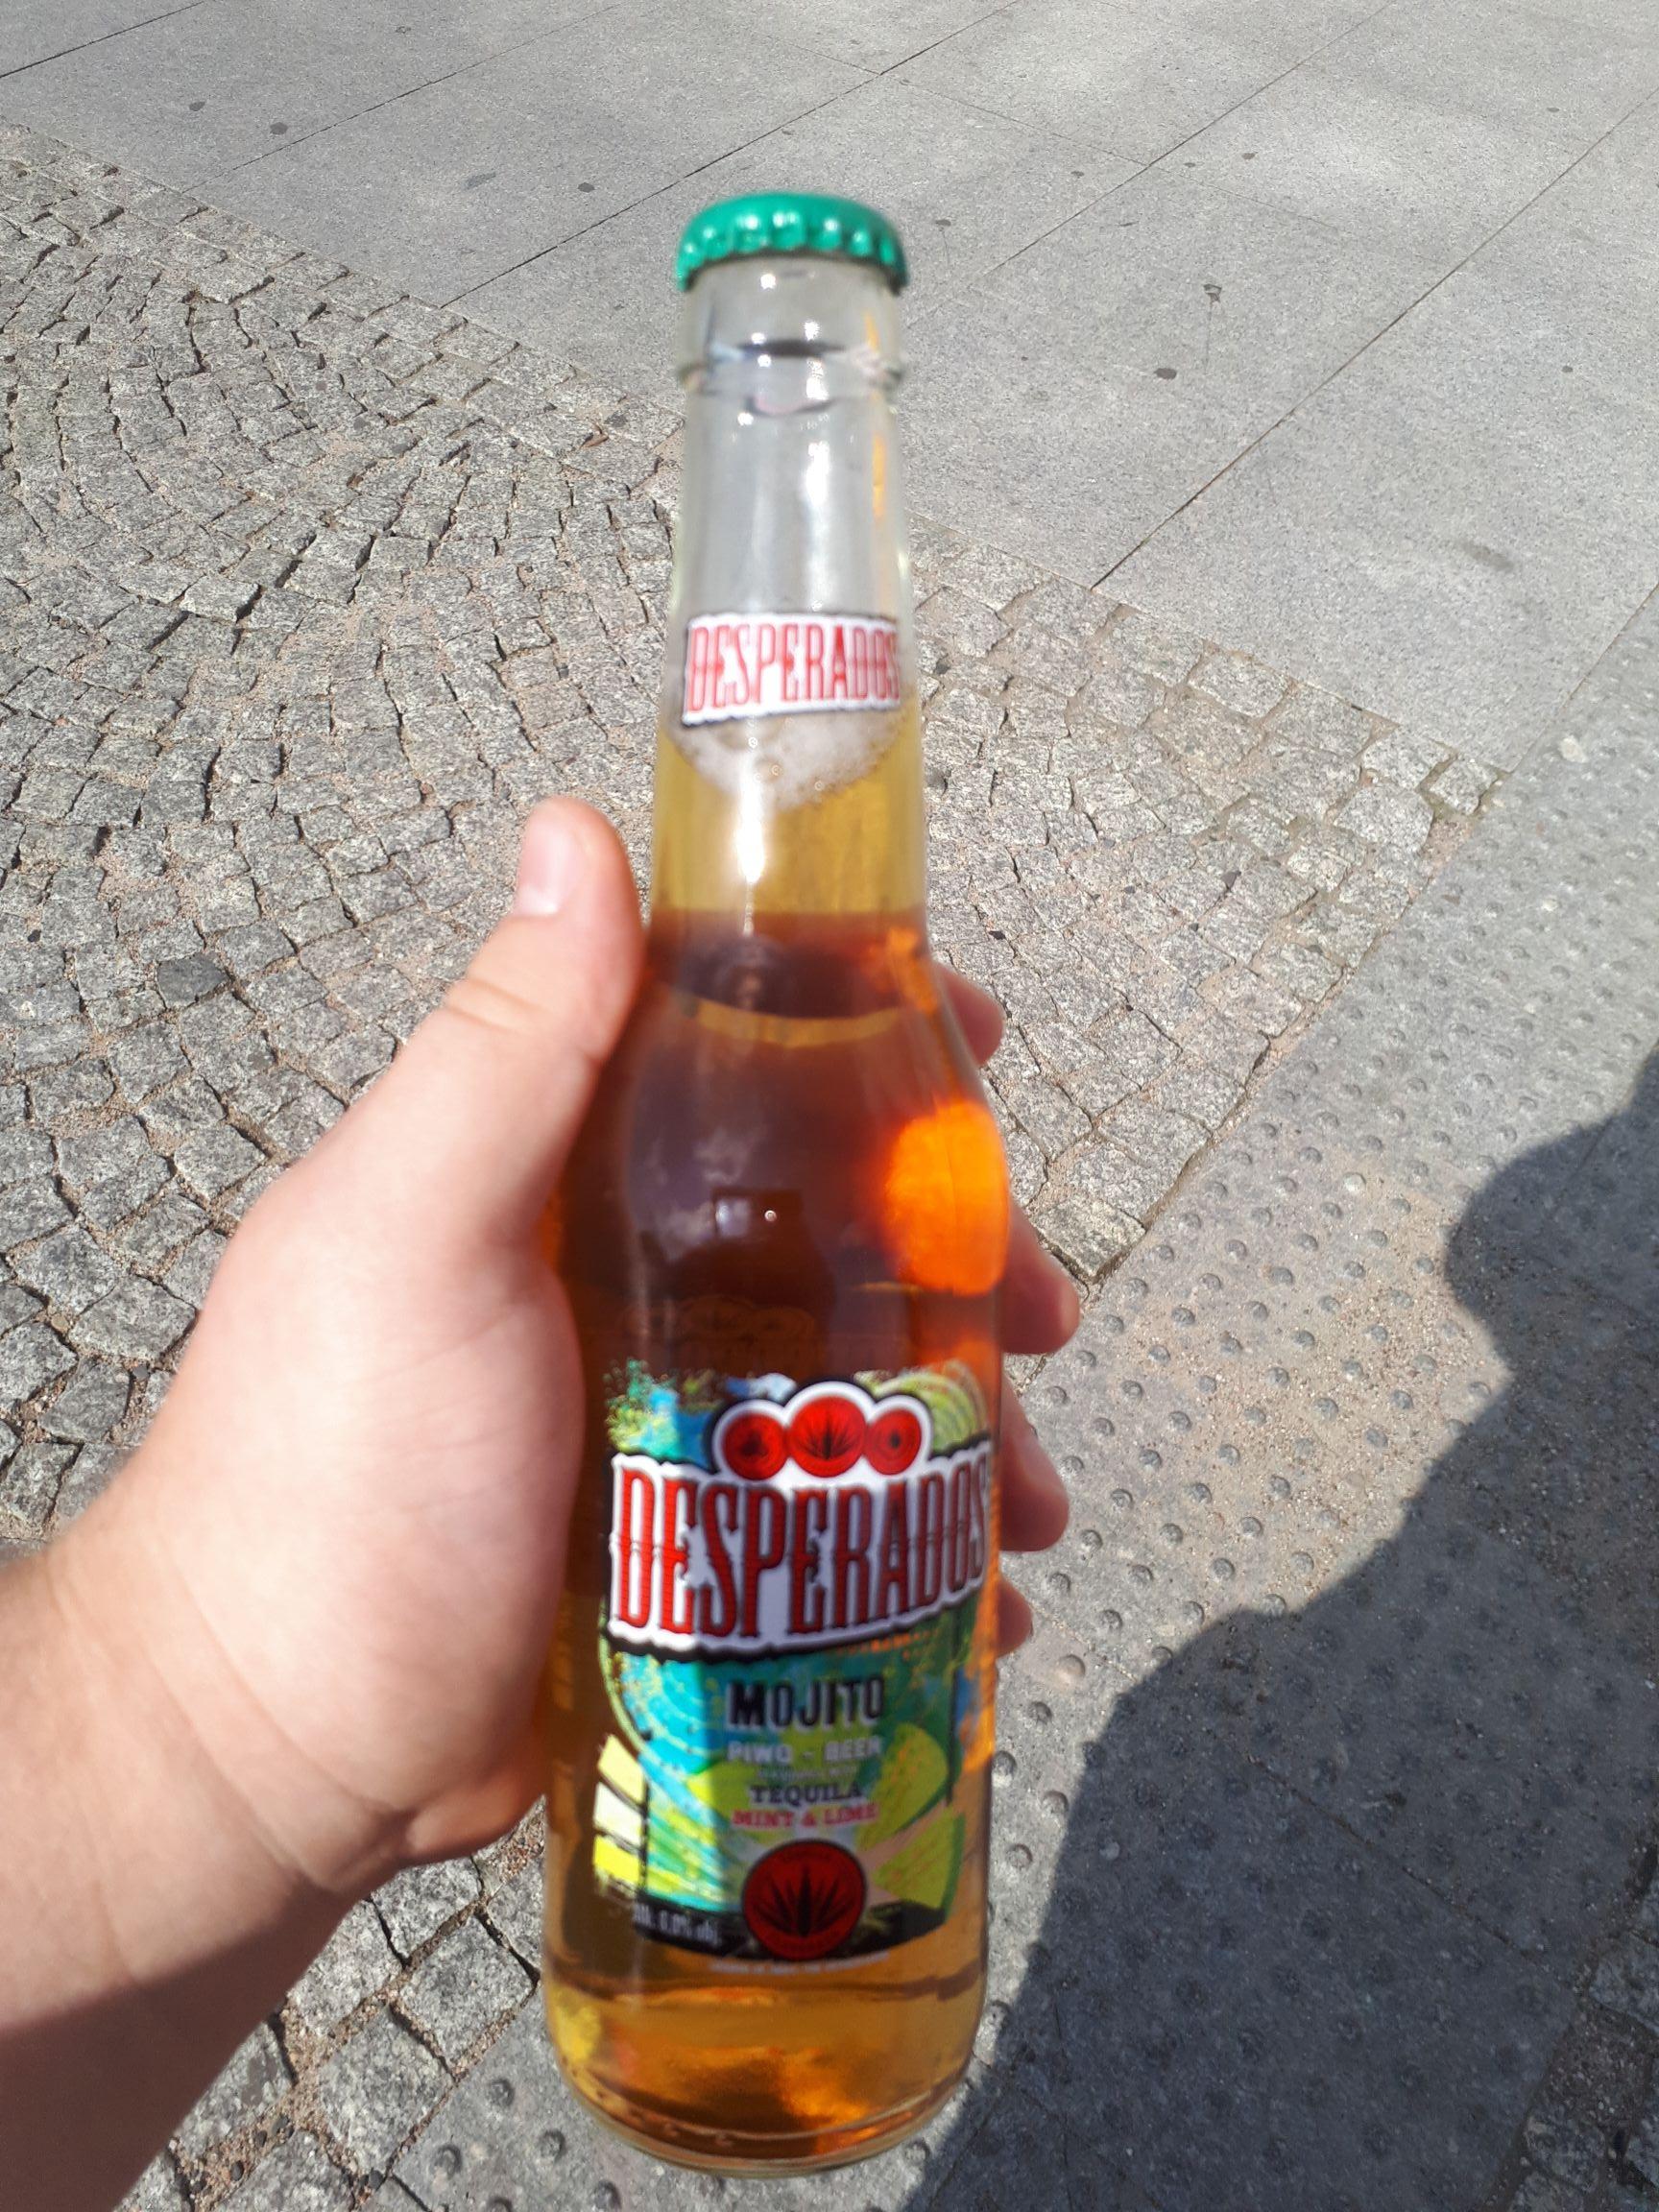 Darmowy Desperados mojito na starym mieście @Olsztyn